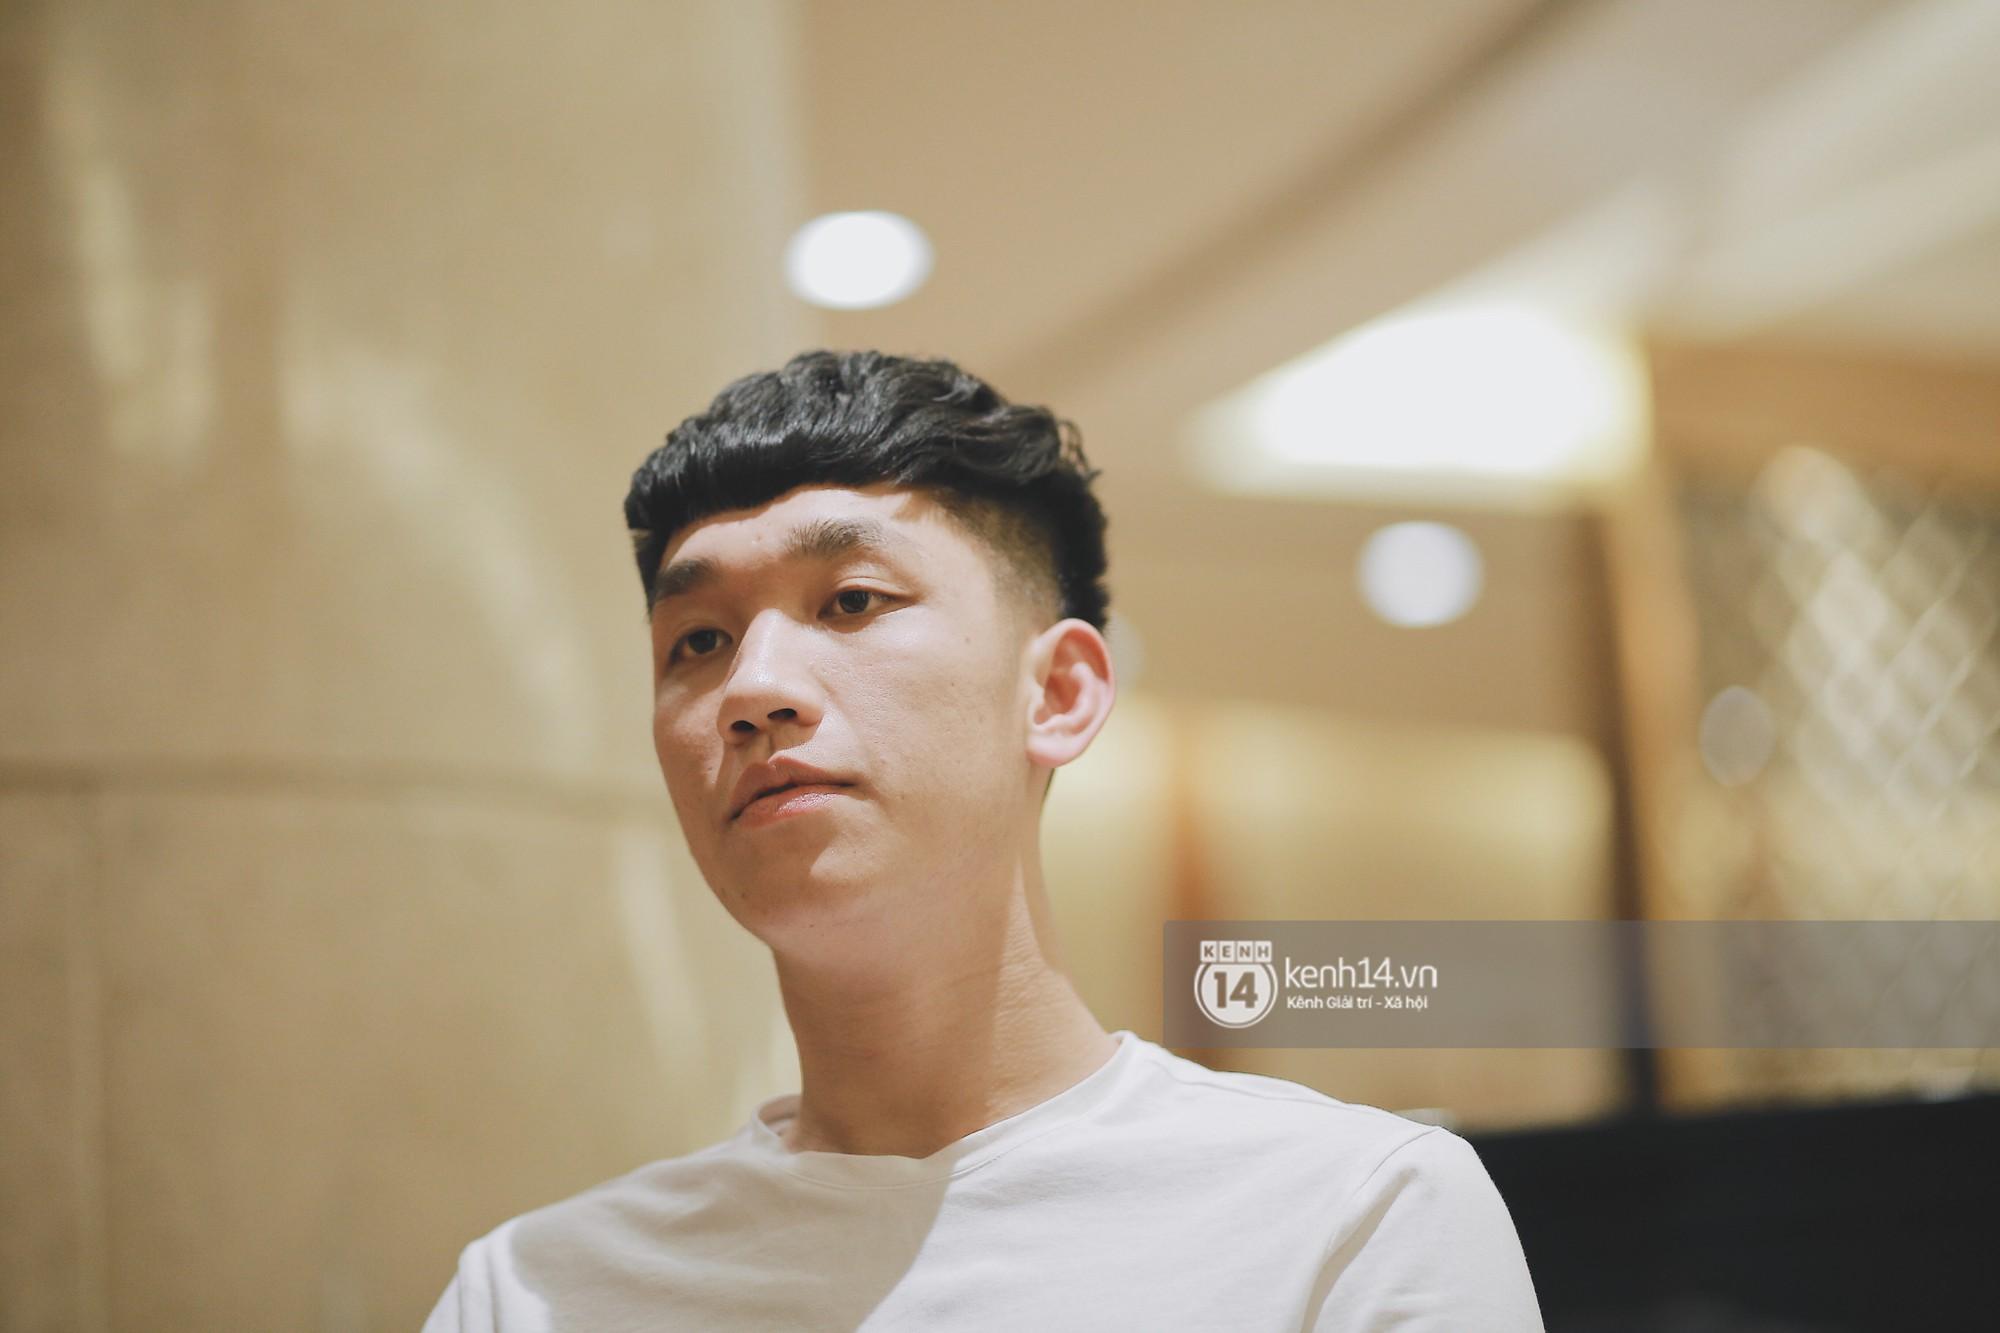 """Trọng Đại - anh chàng """"cool ngầu"""" của U23: Nếu là con gái sẽ chọn Văn Đức hoặc Văn Hậu để... hẹn hò - Ảnh 1."""